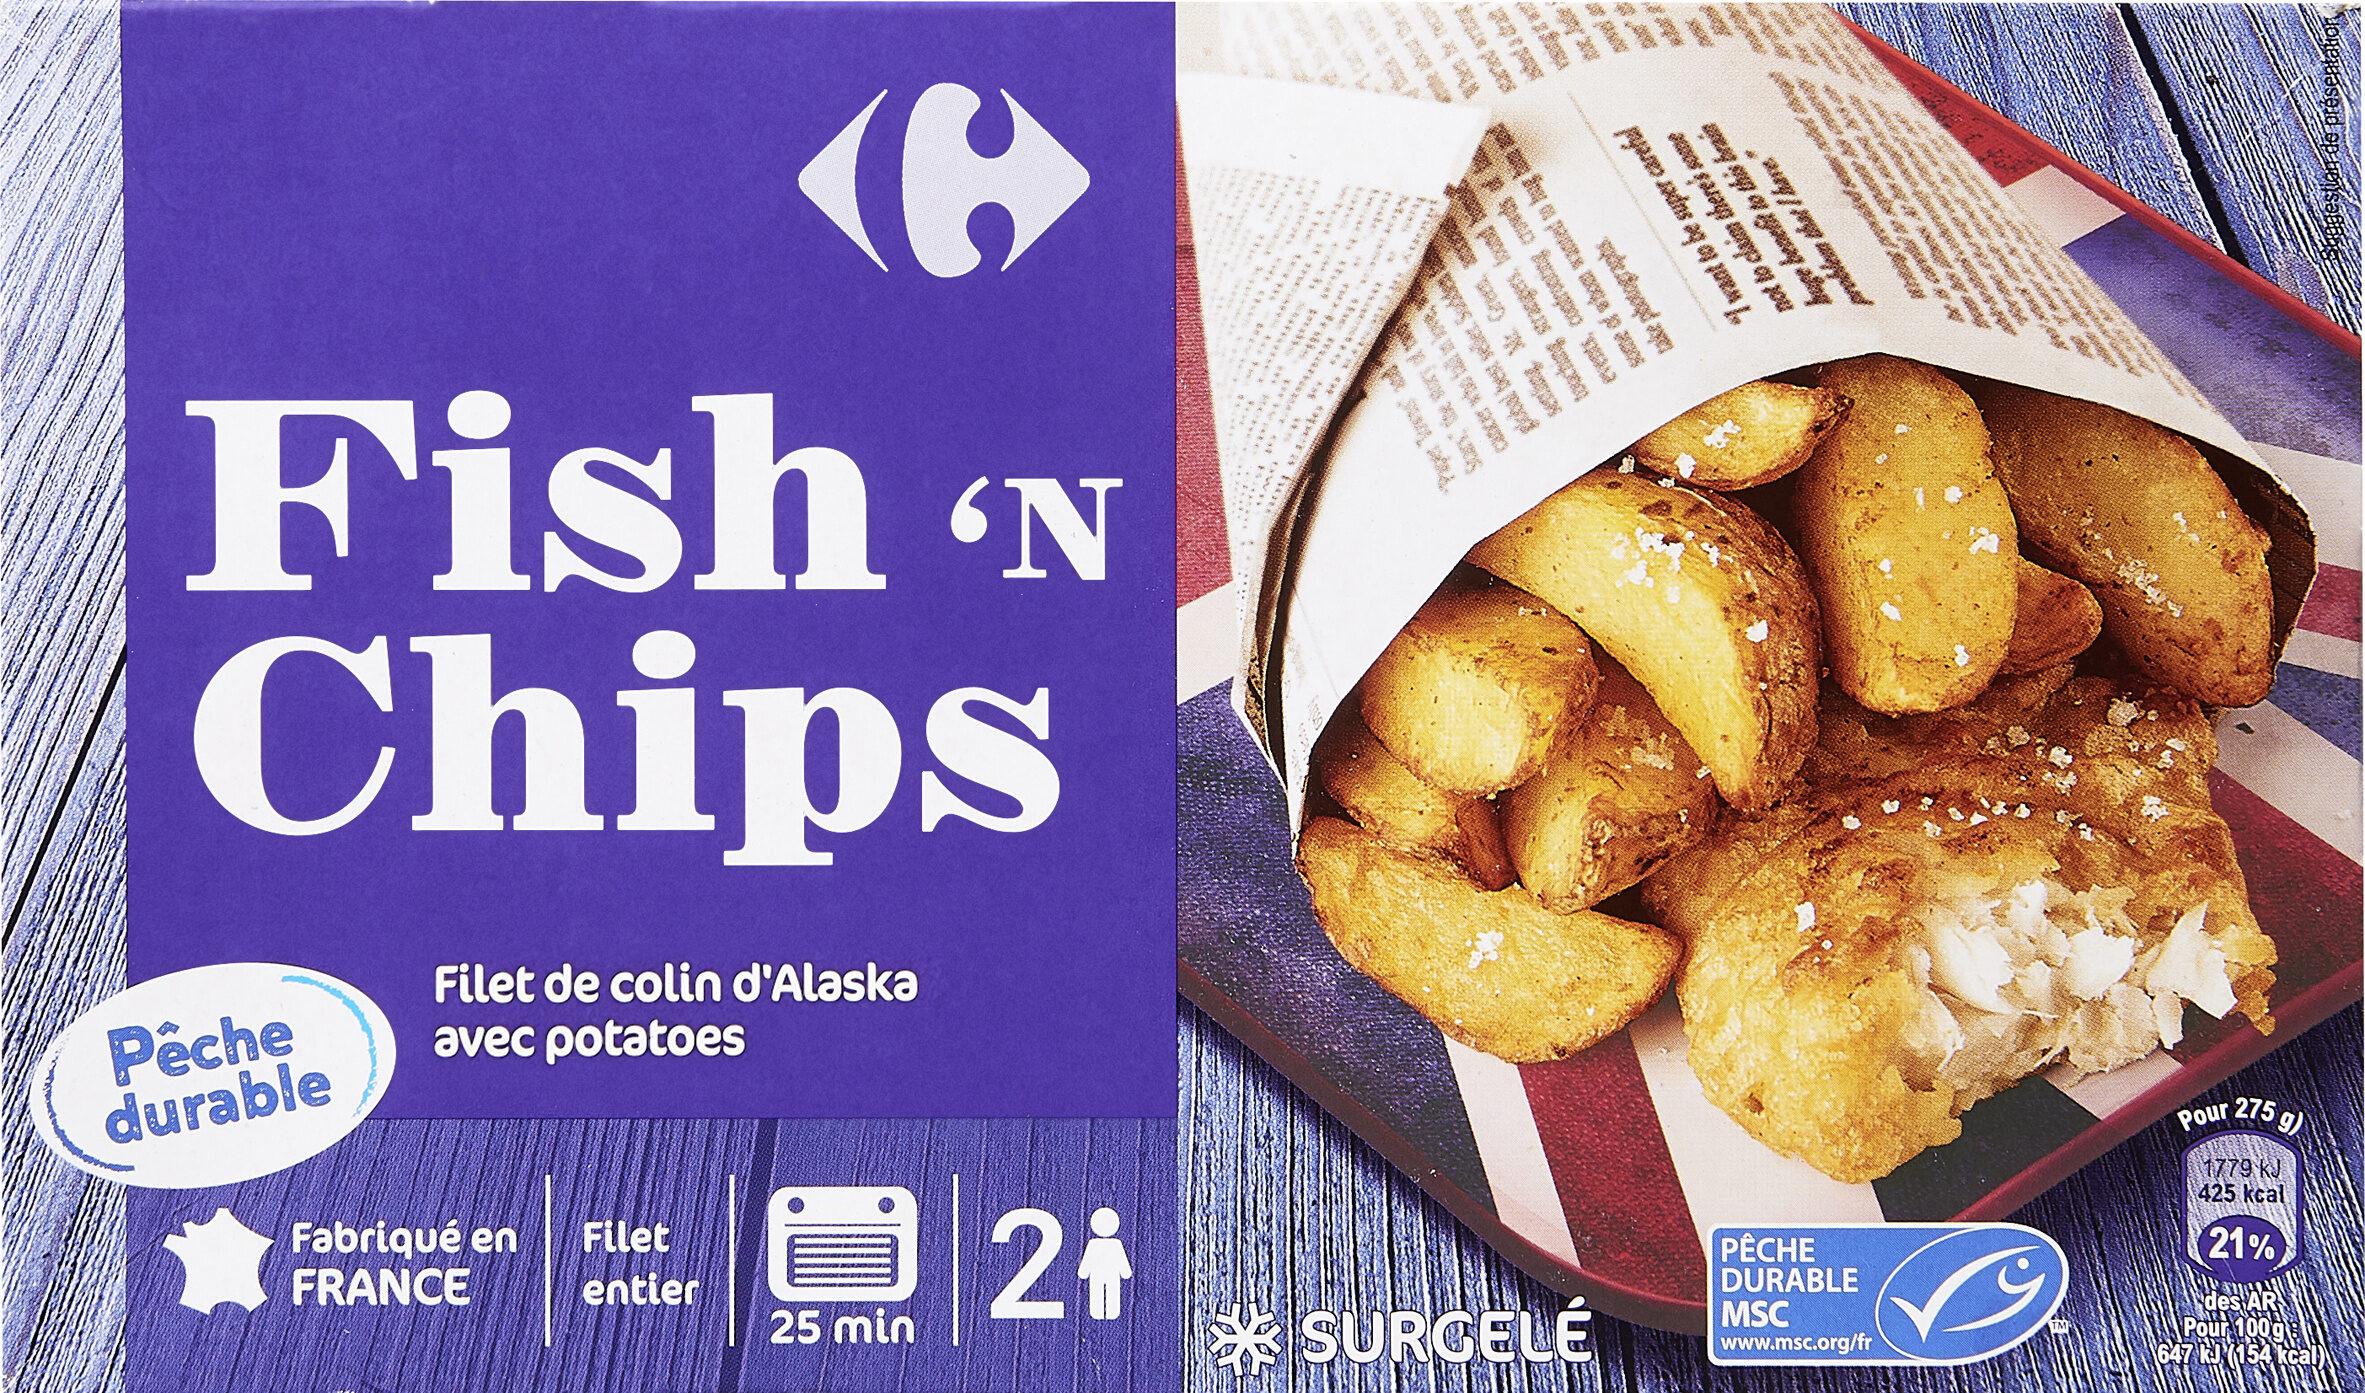 Fish'n Chips Filet de colin d'Alaska avec potatoes - Product - fr